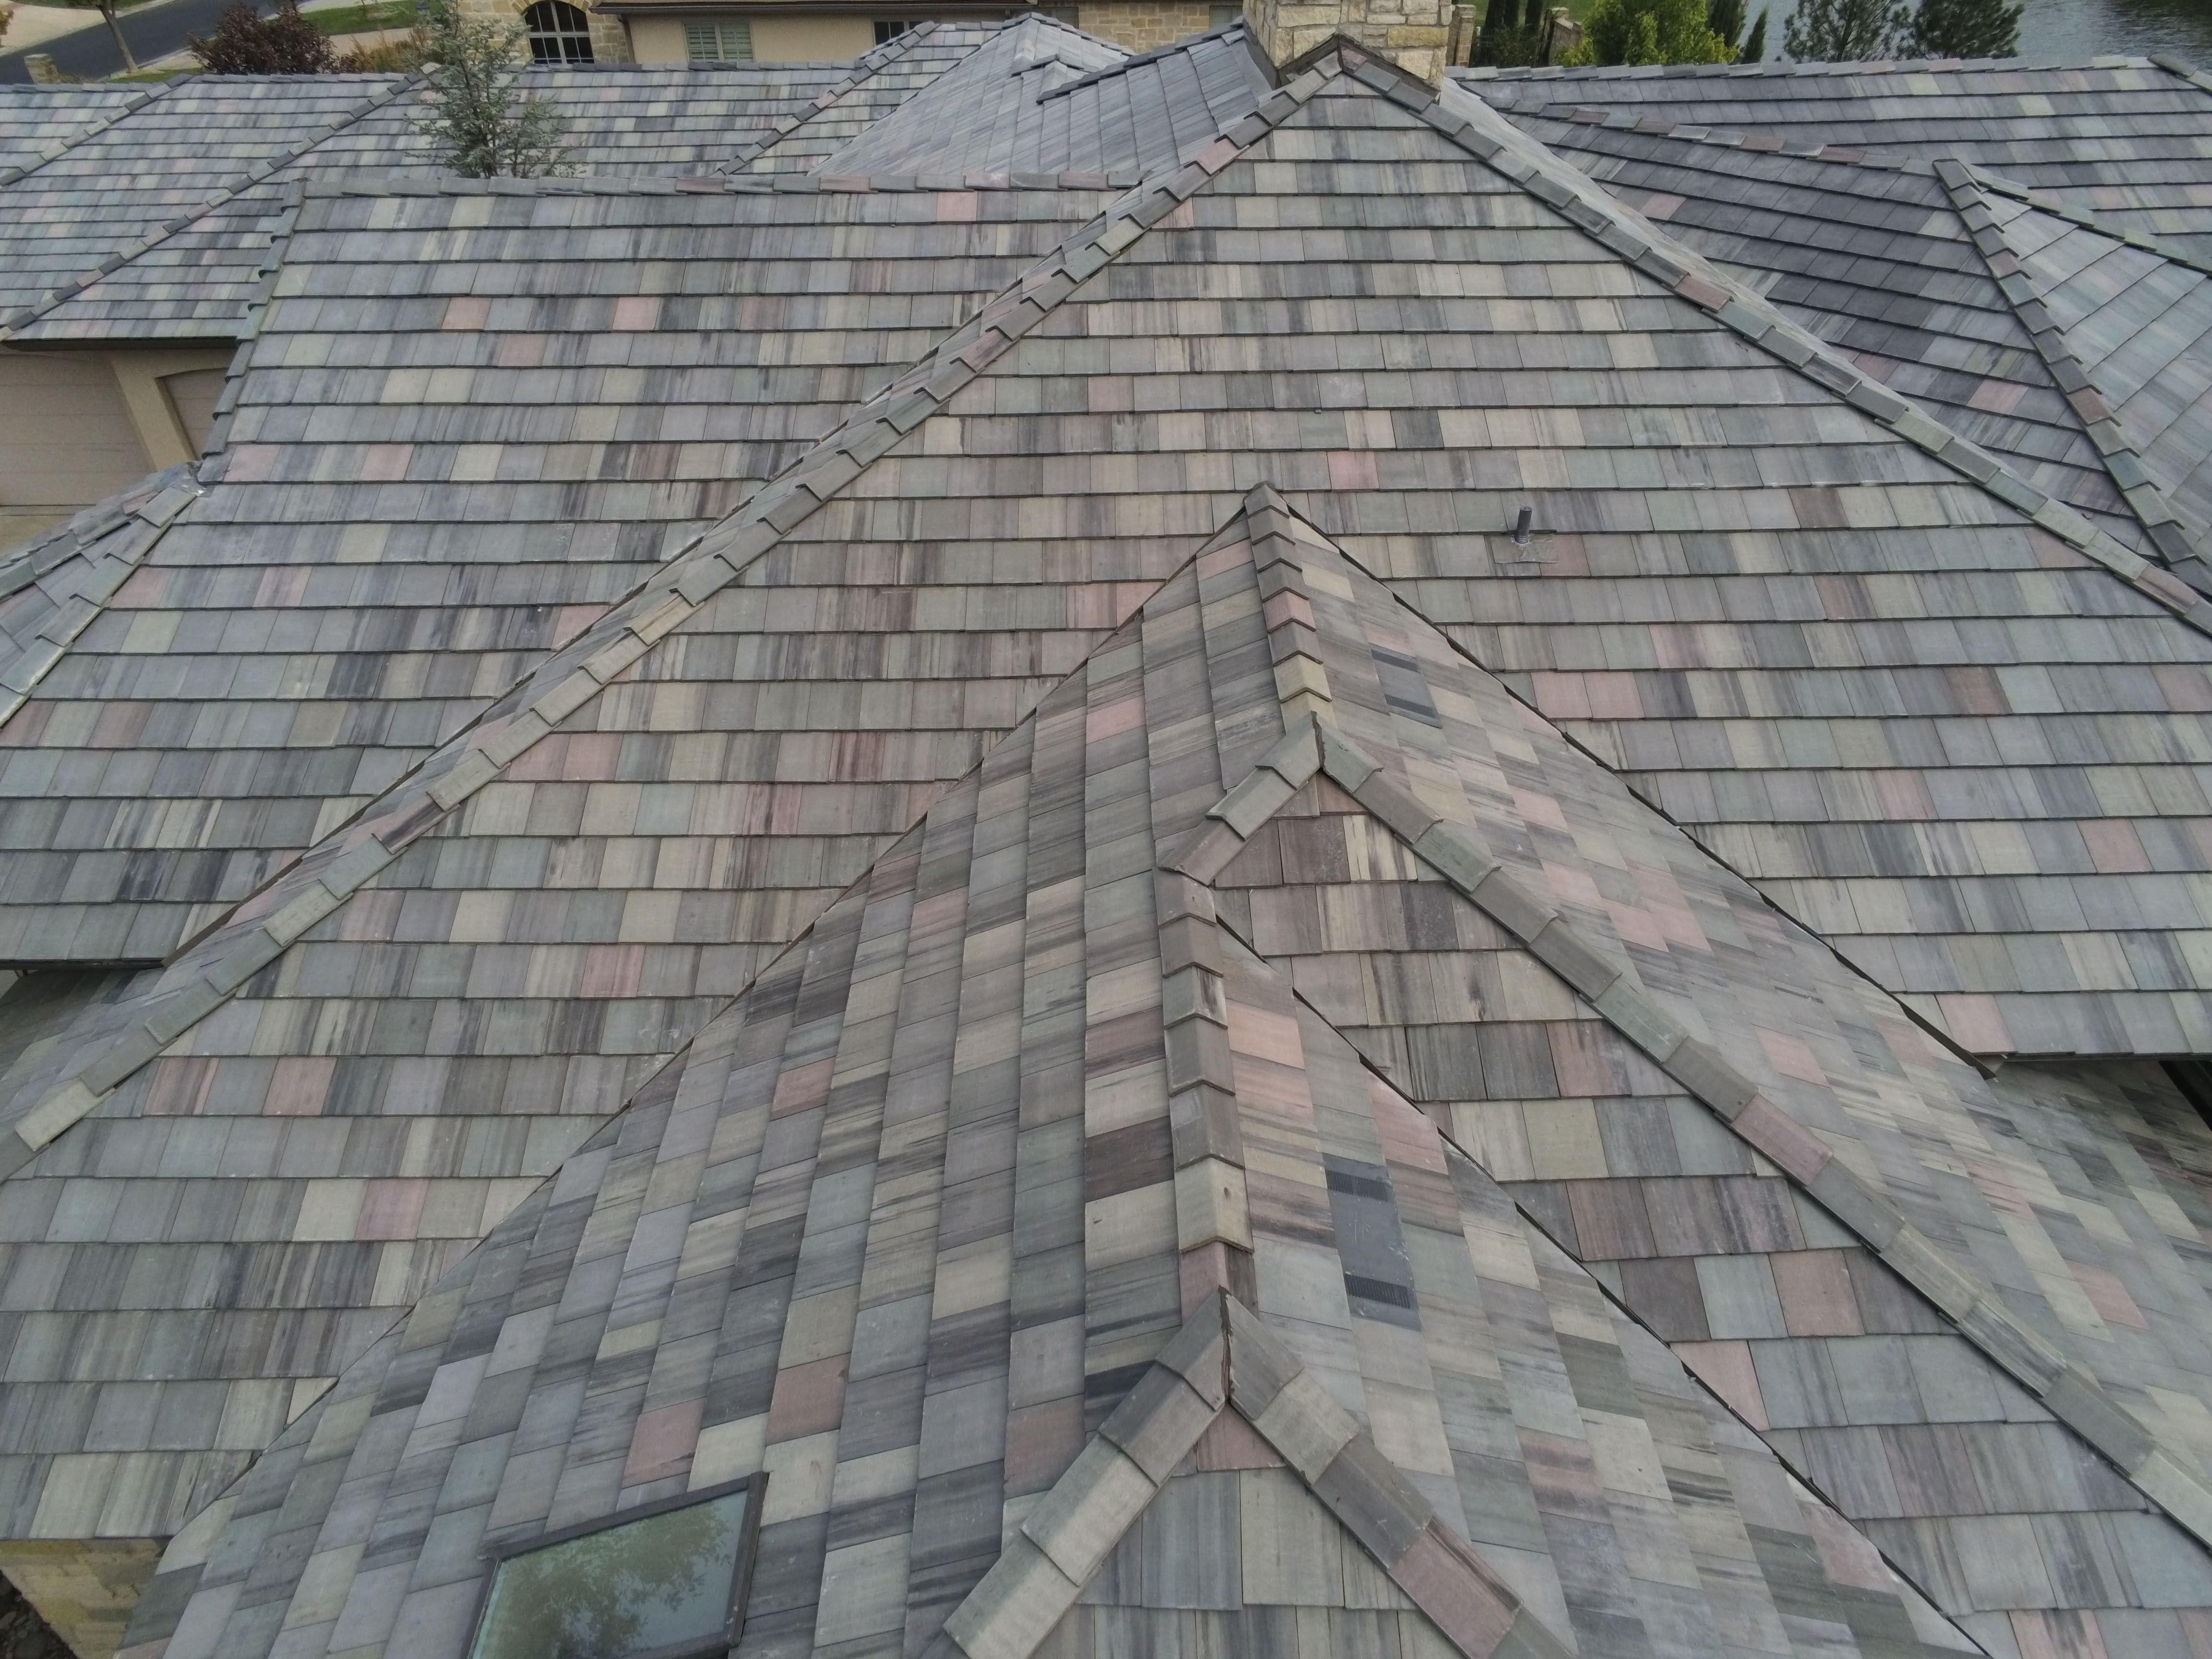 Concrete Tile Reroof